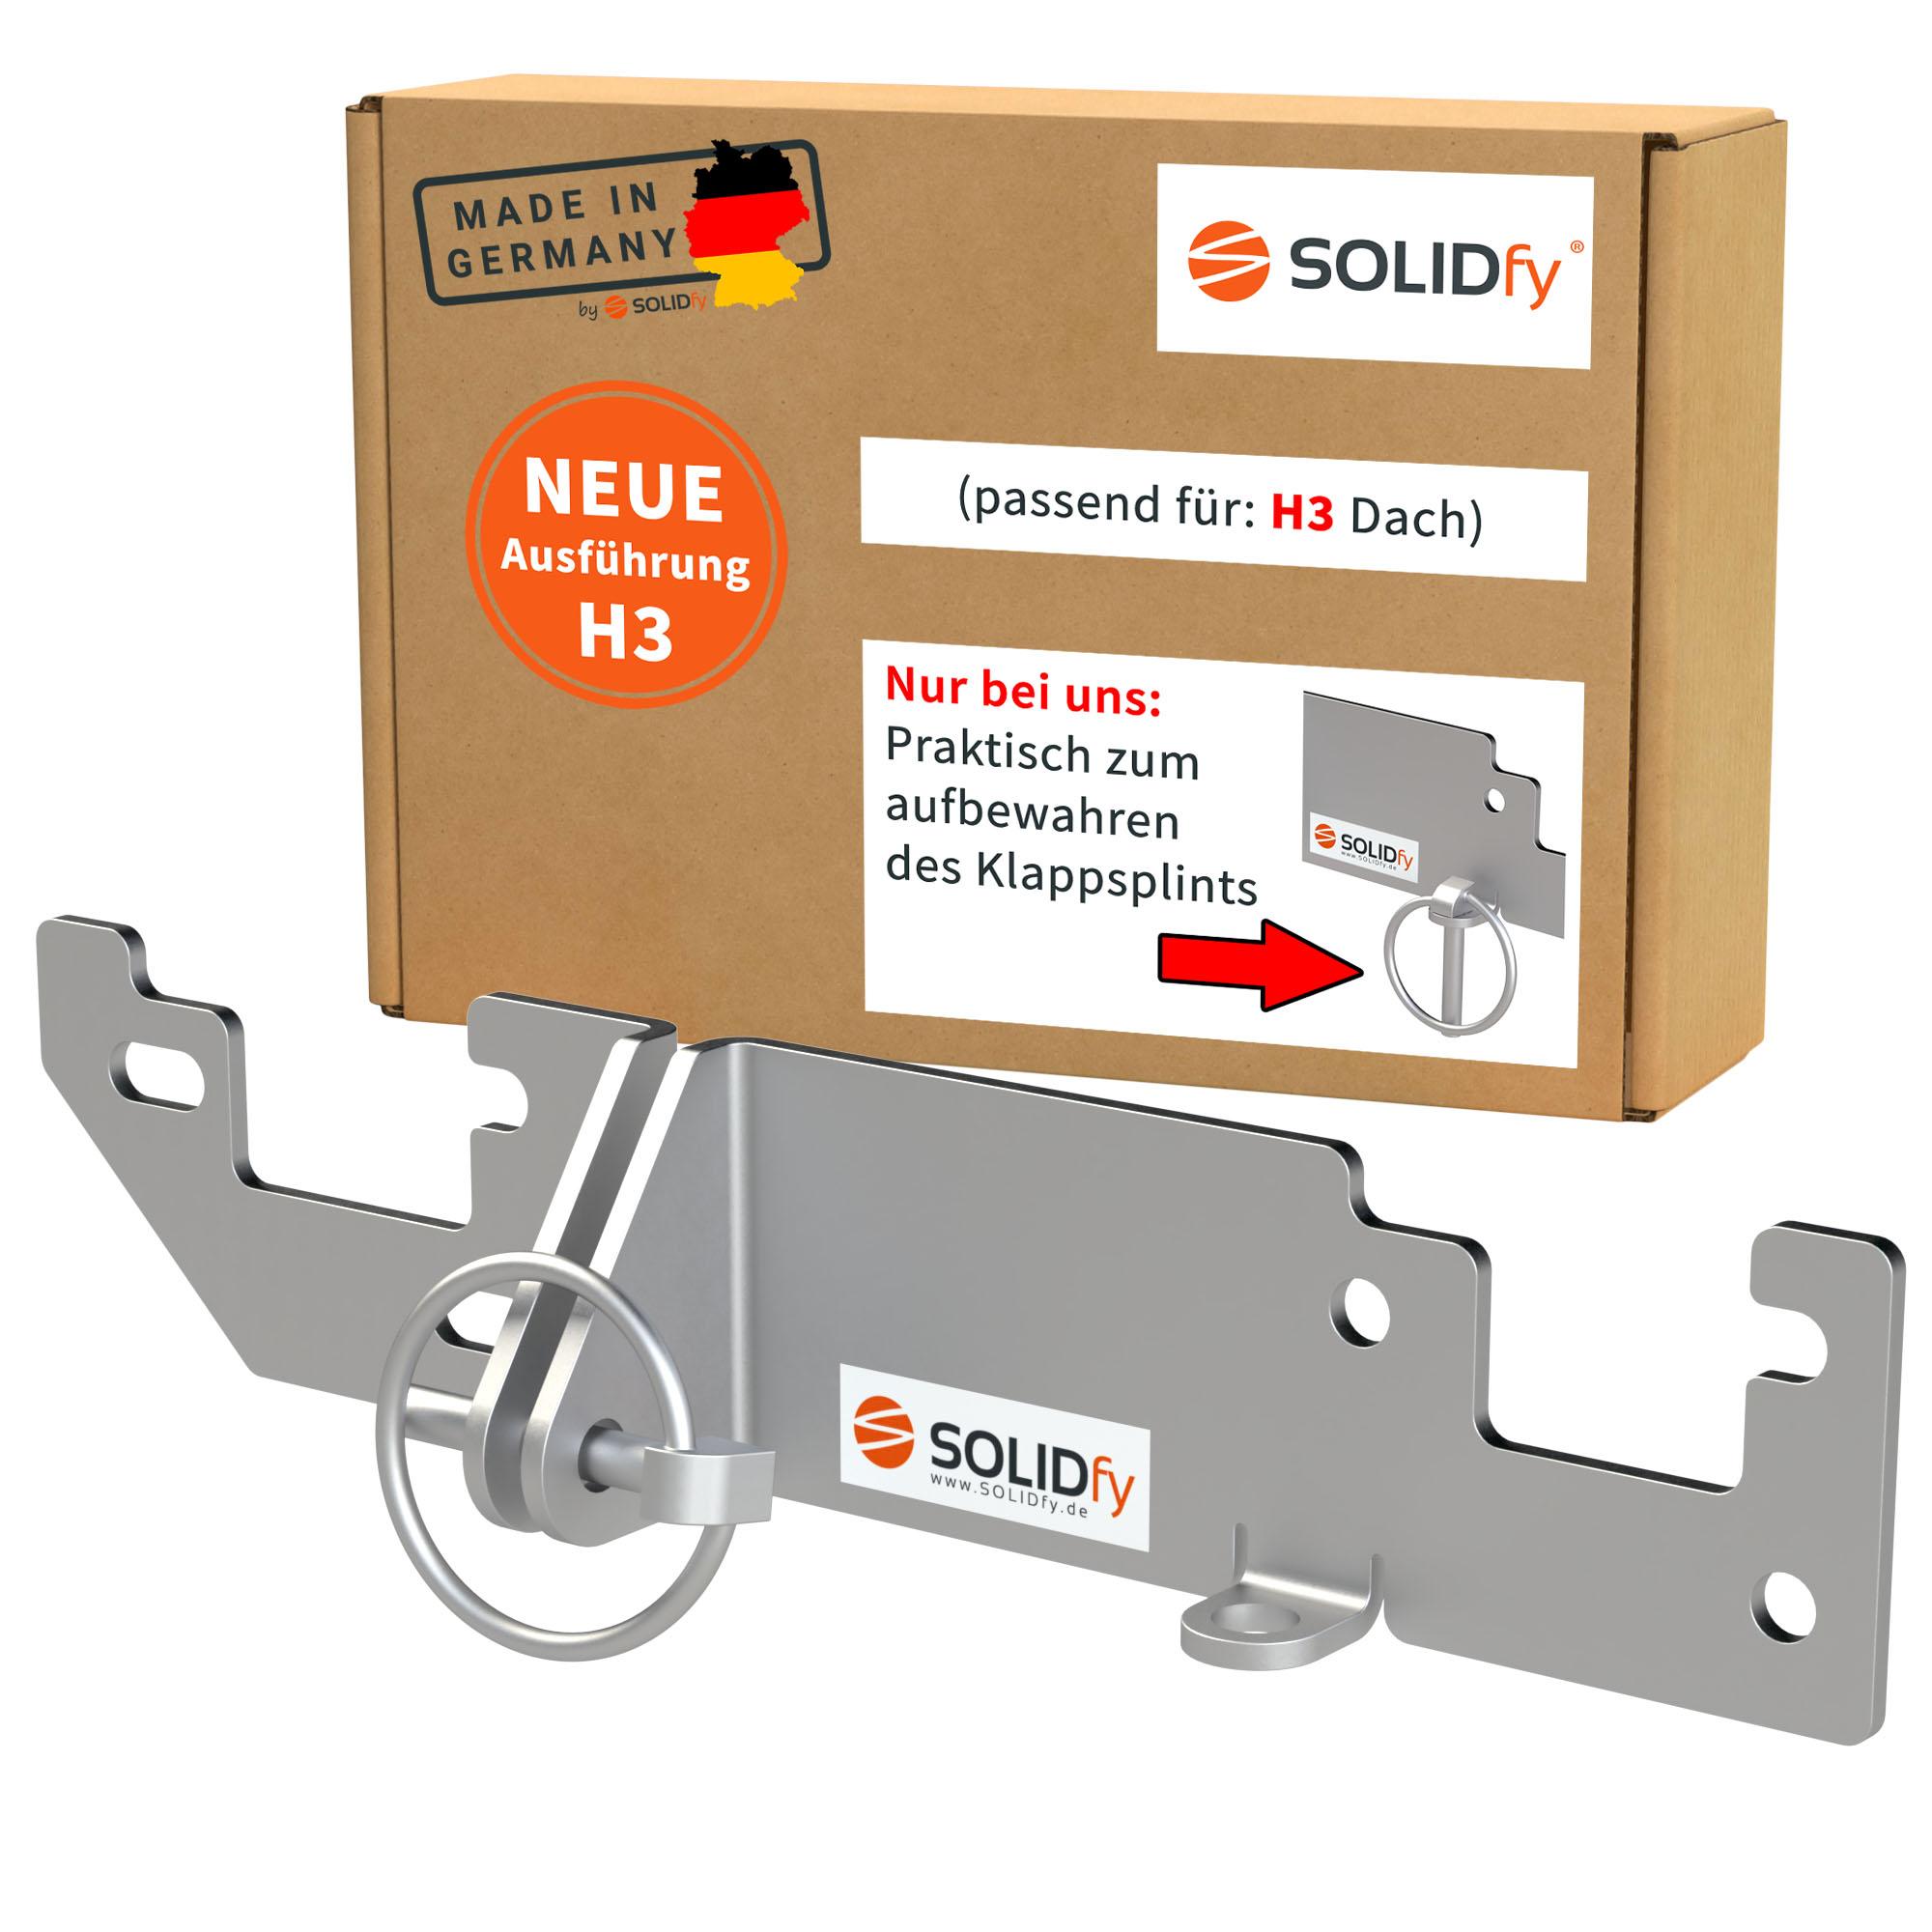 SOLIDfy Einbruchschutz Hecktür Ducato H3 ab 2006